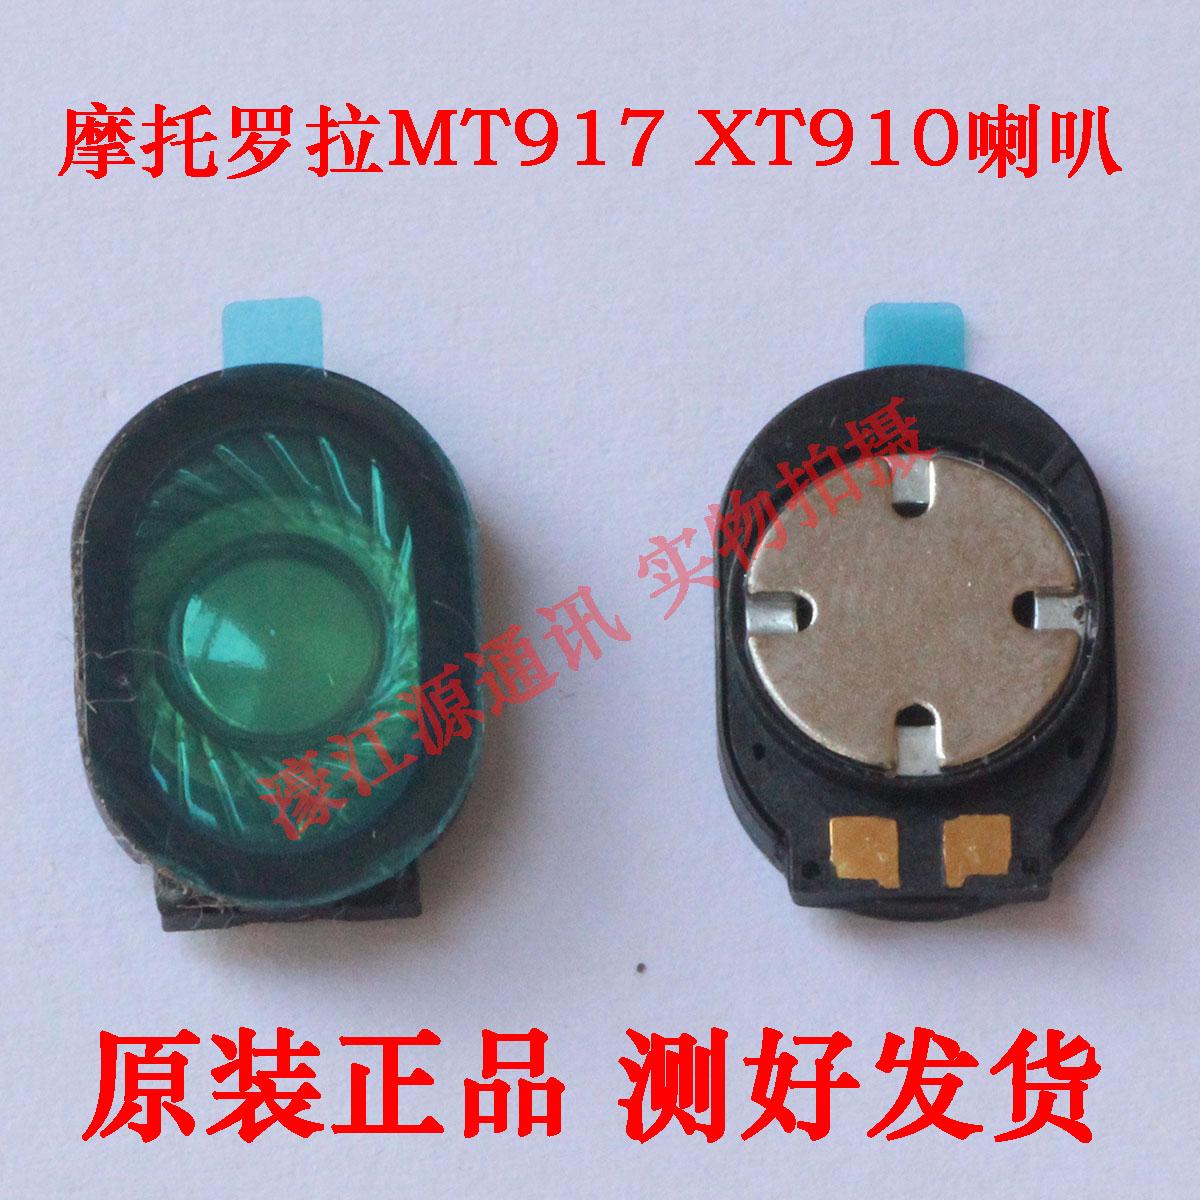 摩托罗拉MOTO MT917 XT910喇叭XT928 XT912 XT890扬声器 振铃响铃